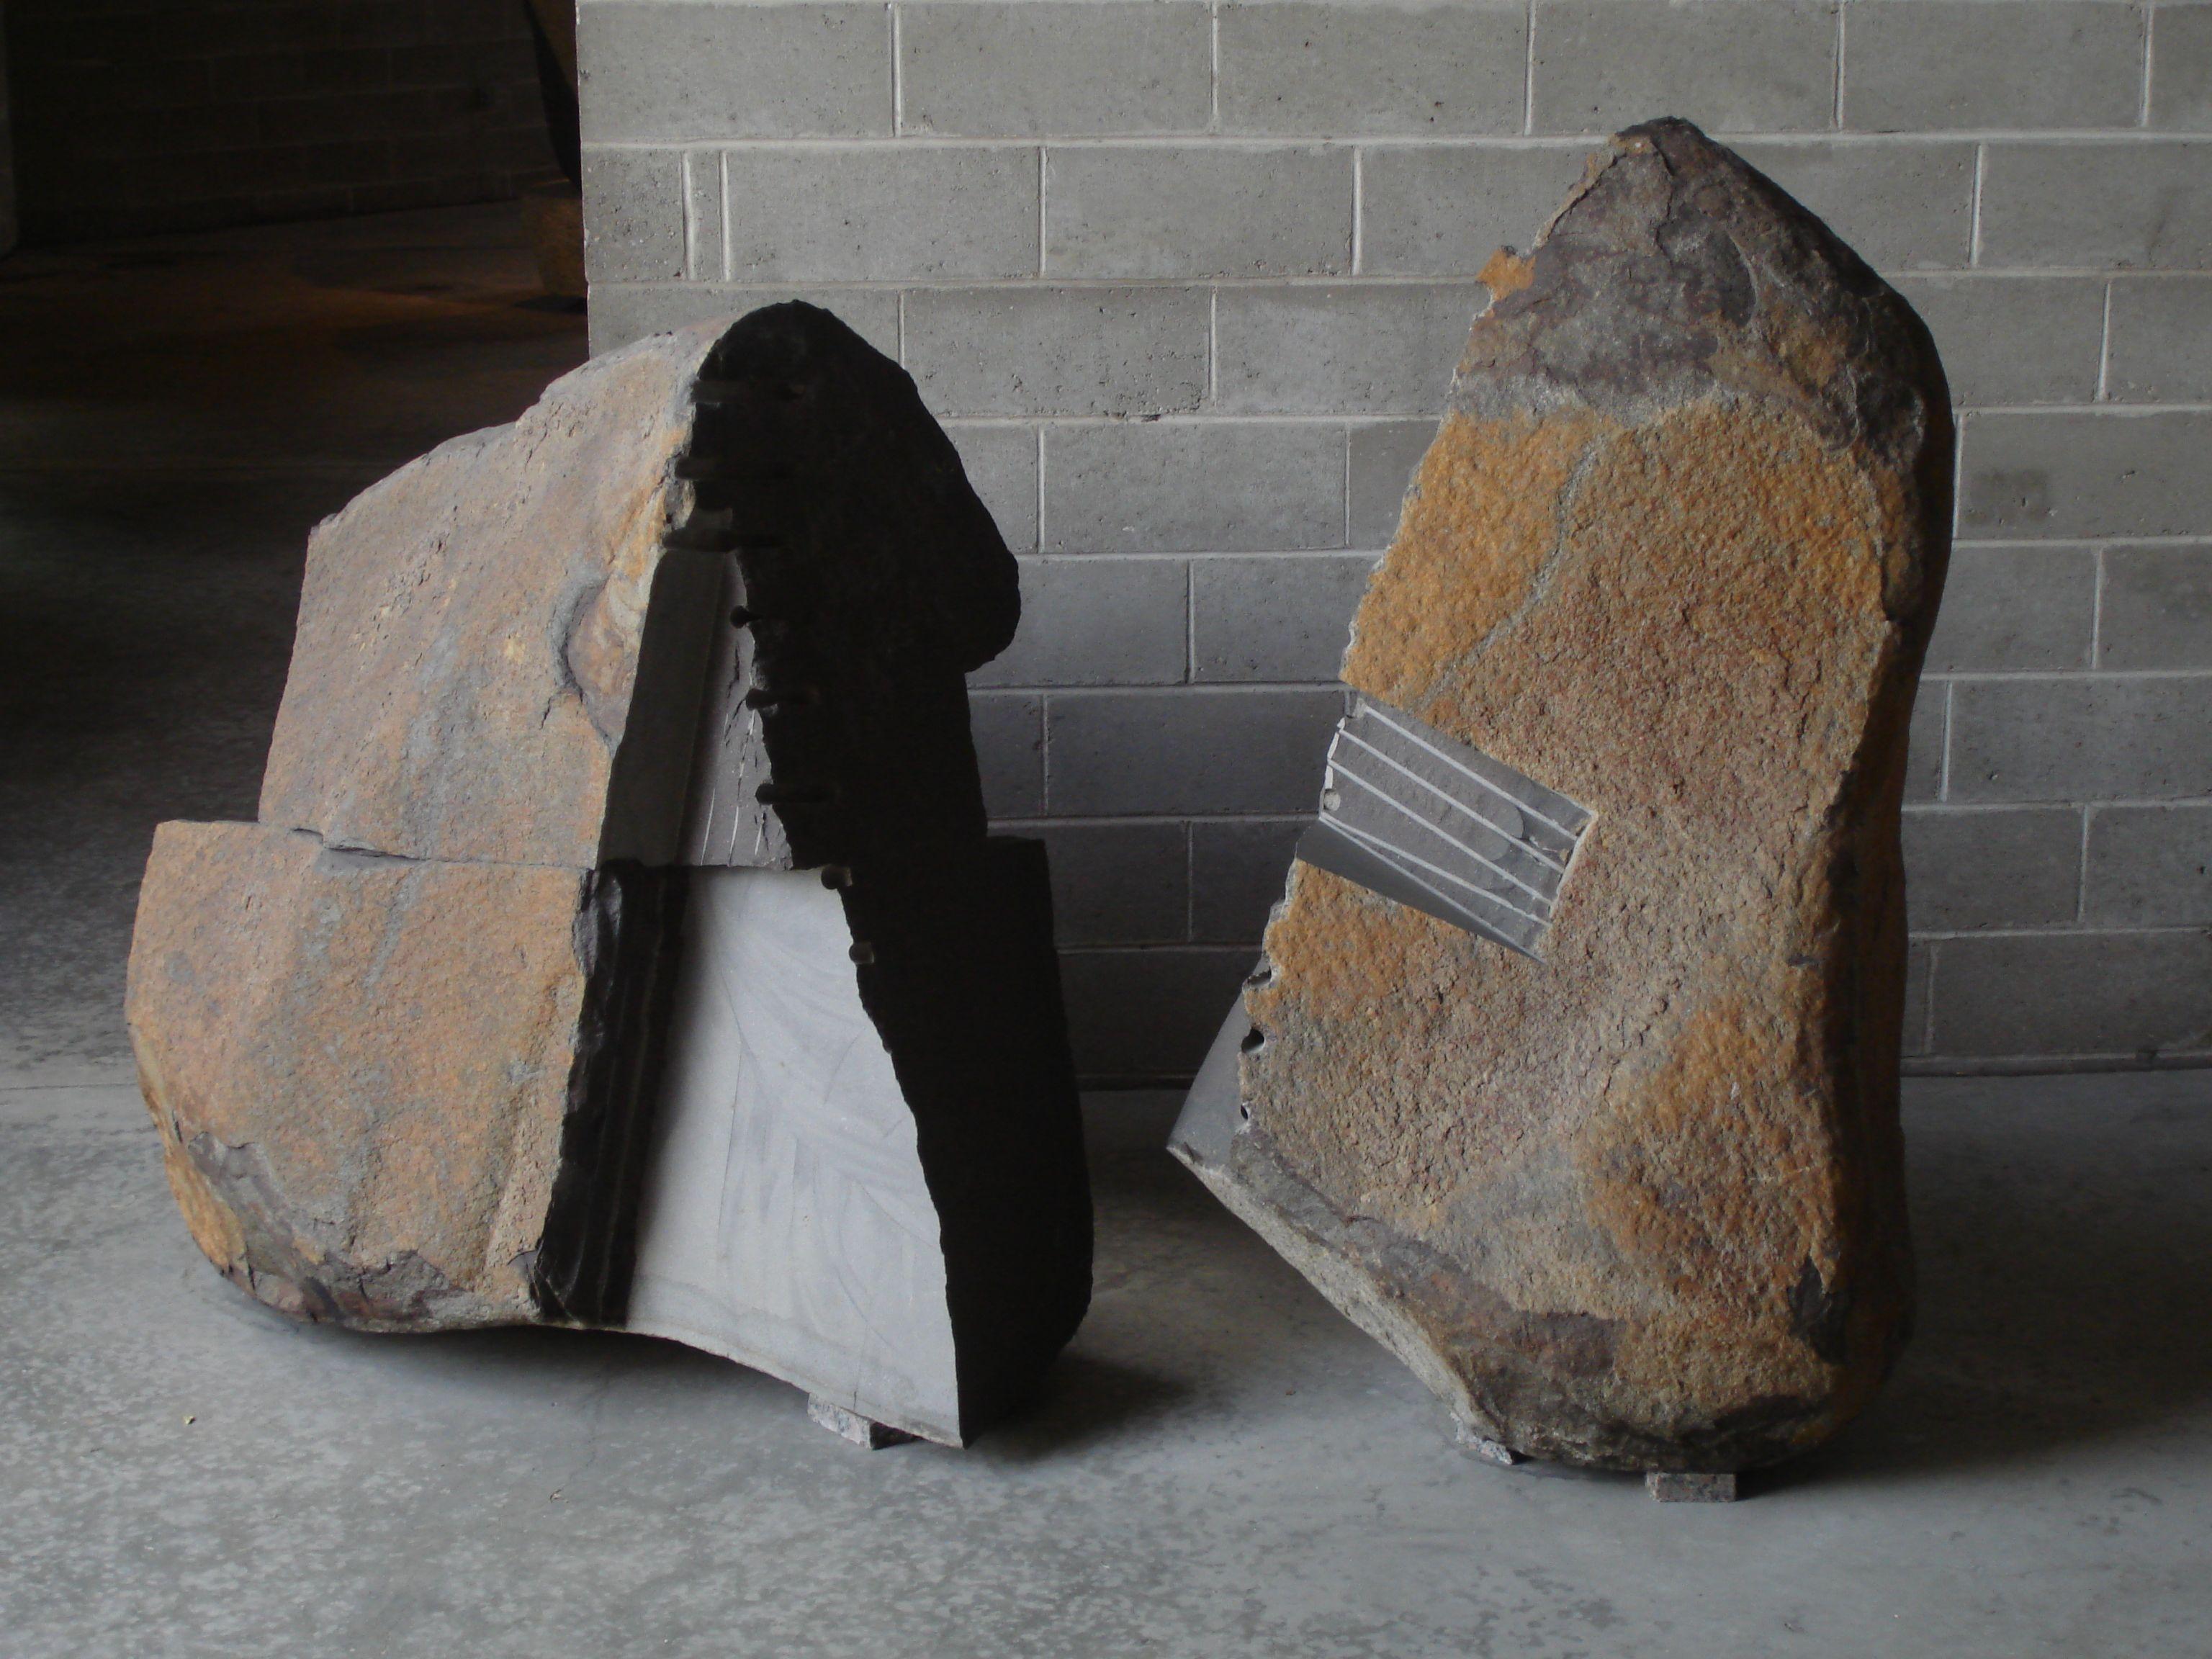 Isamu Noguchi Garden Museum NY | Isamu Noguchi | Sculpture ...  Isamu Noguchi G...